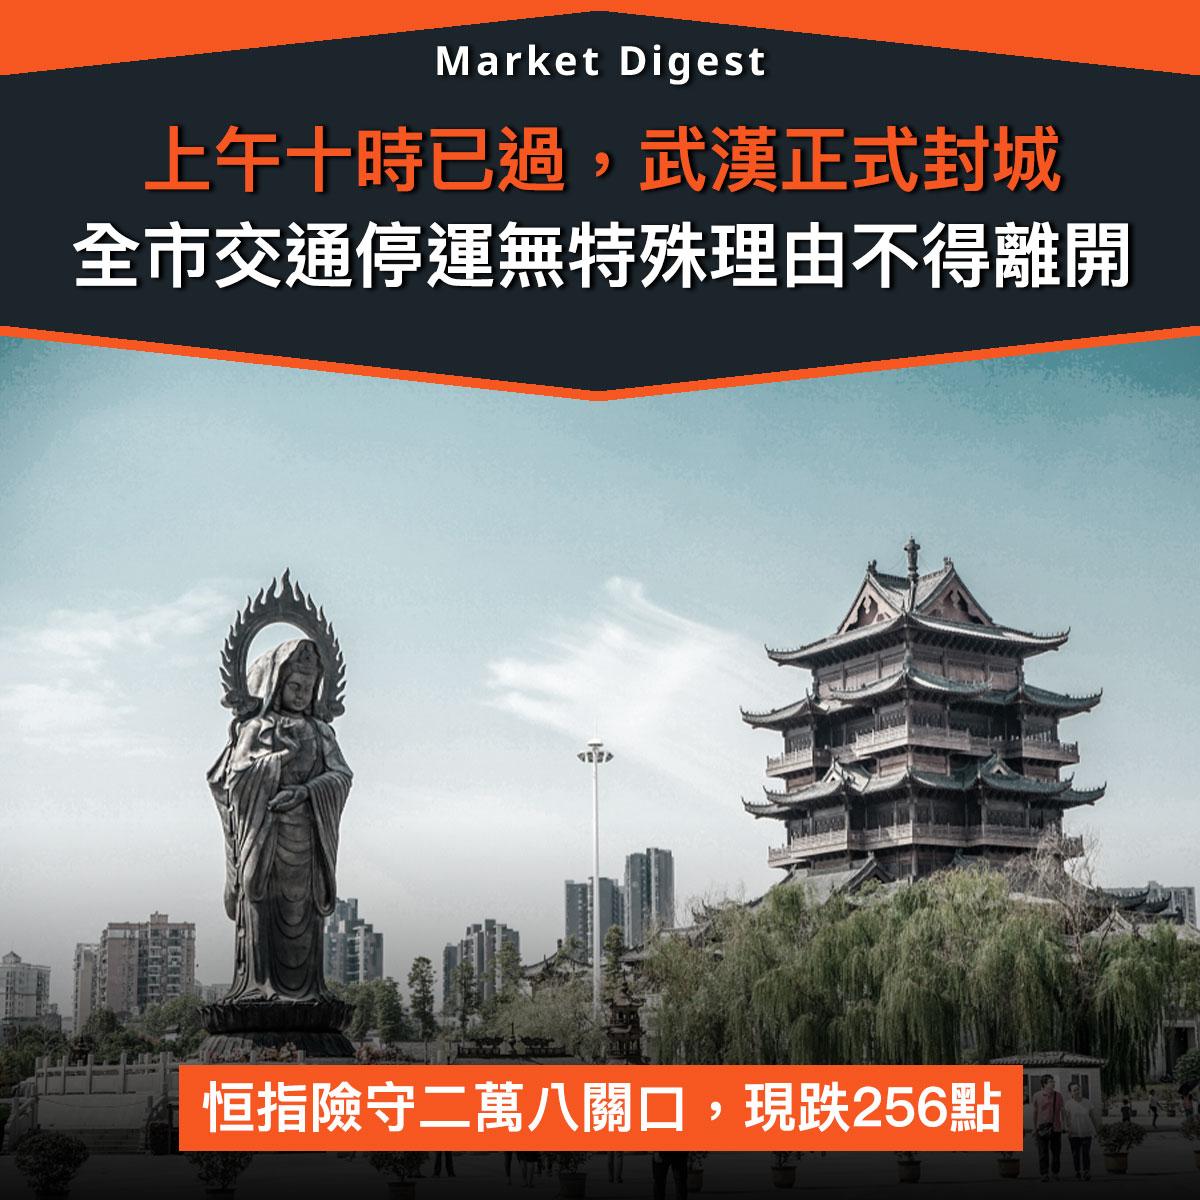 【市場熱話】上午十時已過武漢正式封城,恒指險守二萬八關口